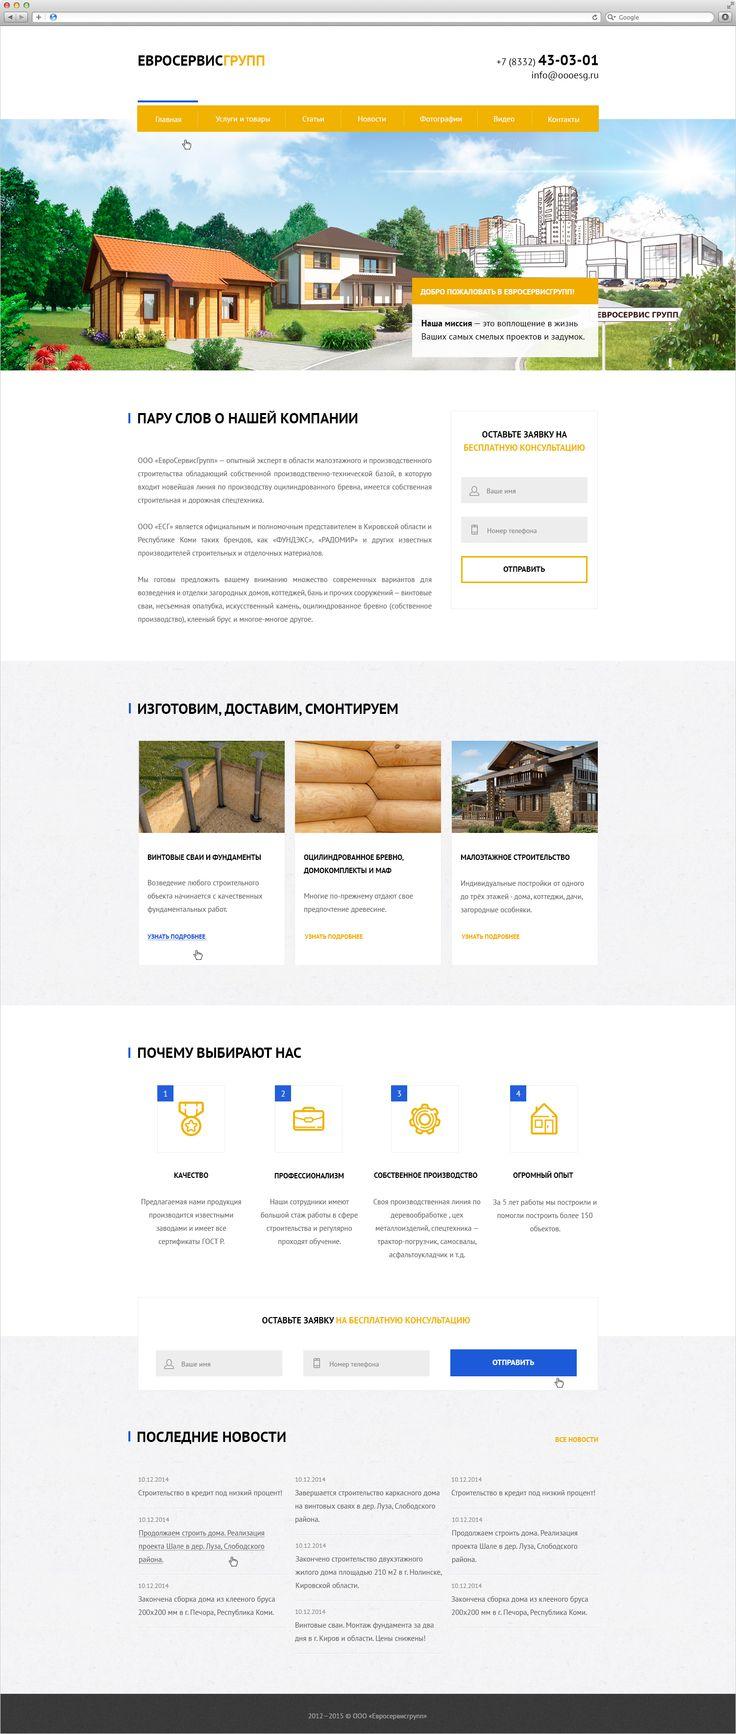 Веб дизайн разработка продвижение сайтов add topic ipb an xrumer service is acquit